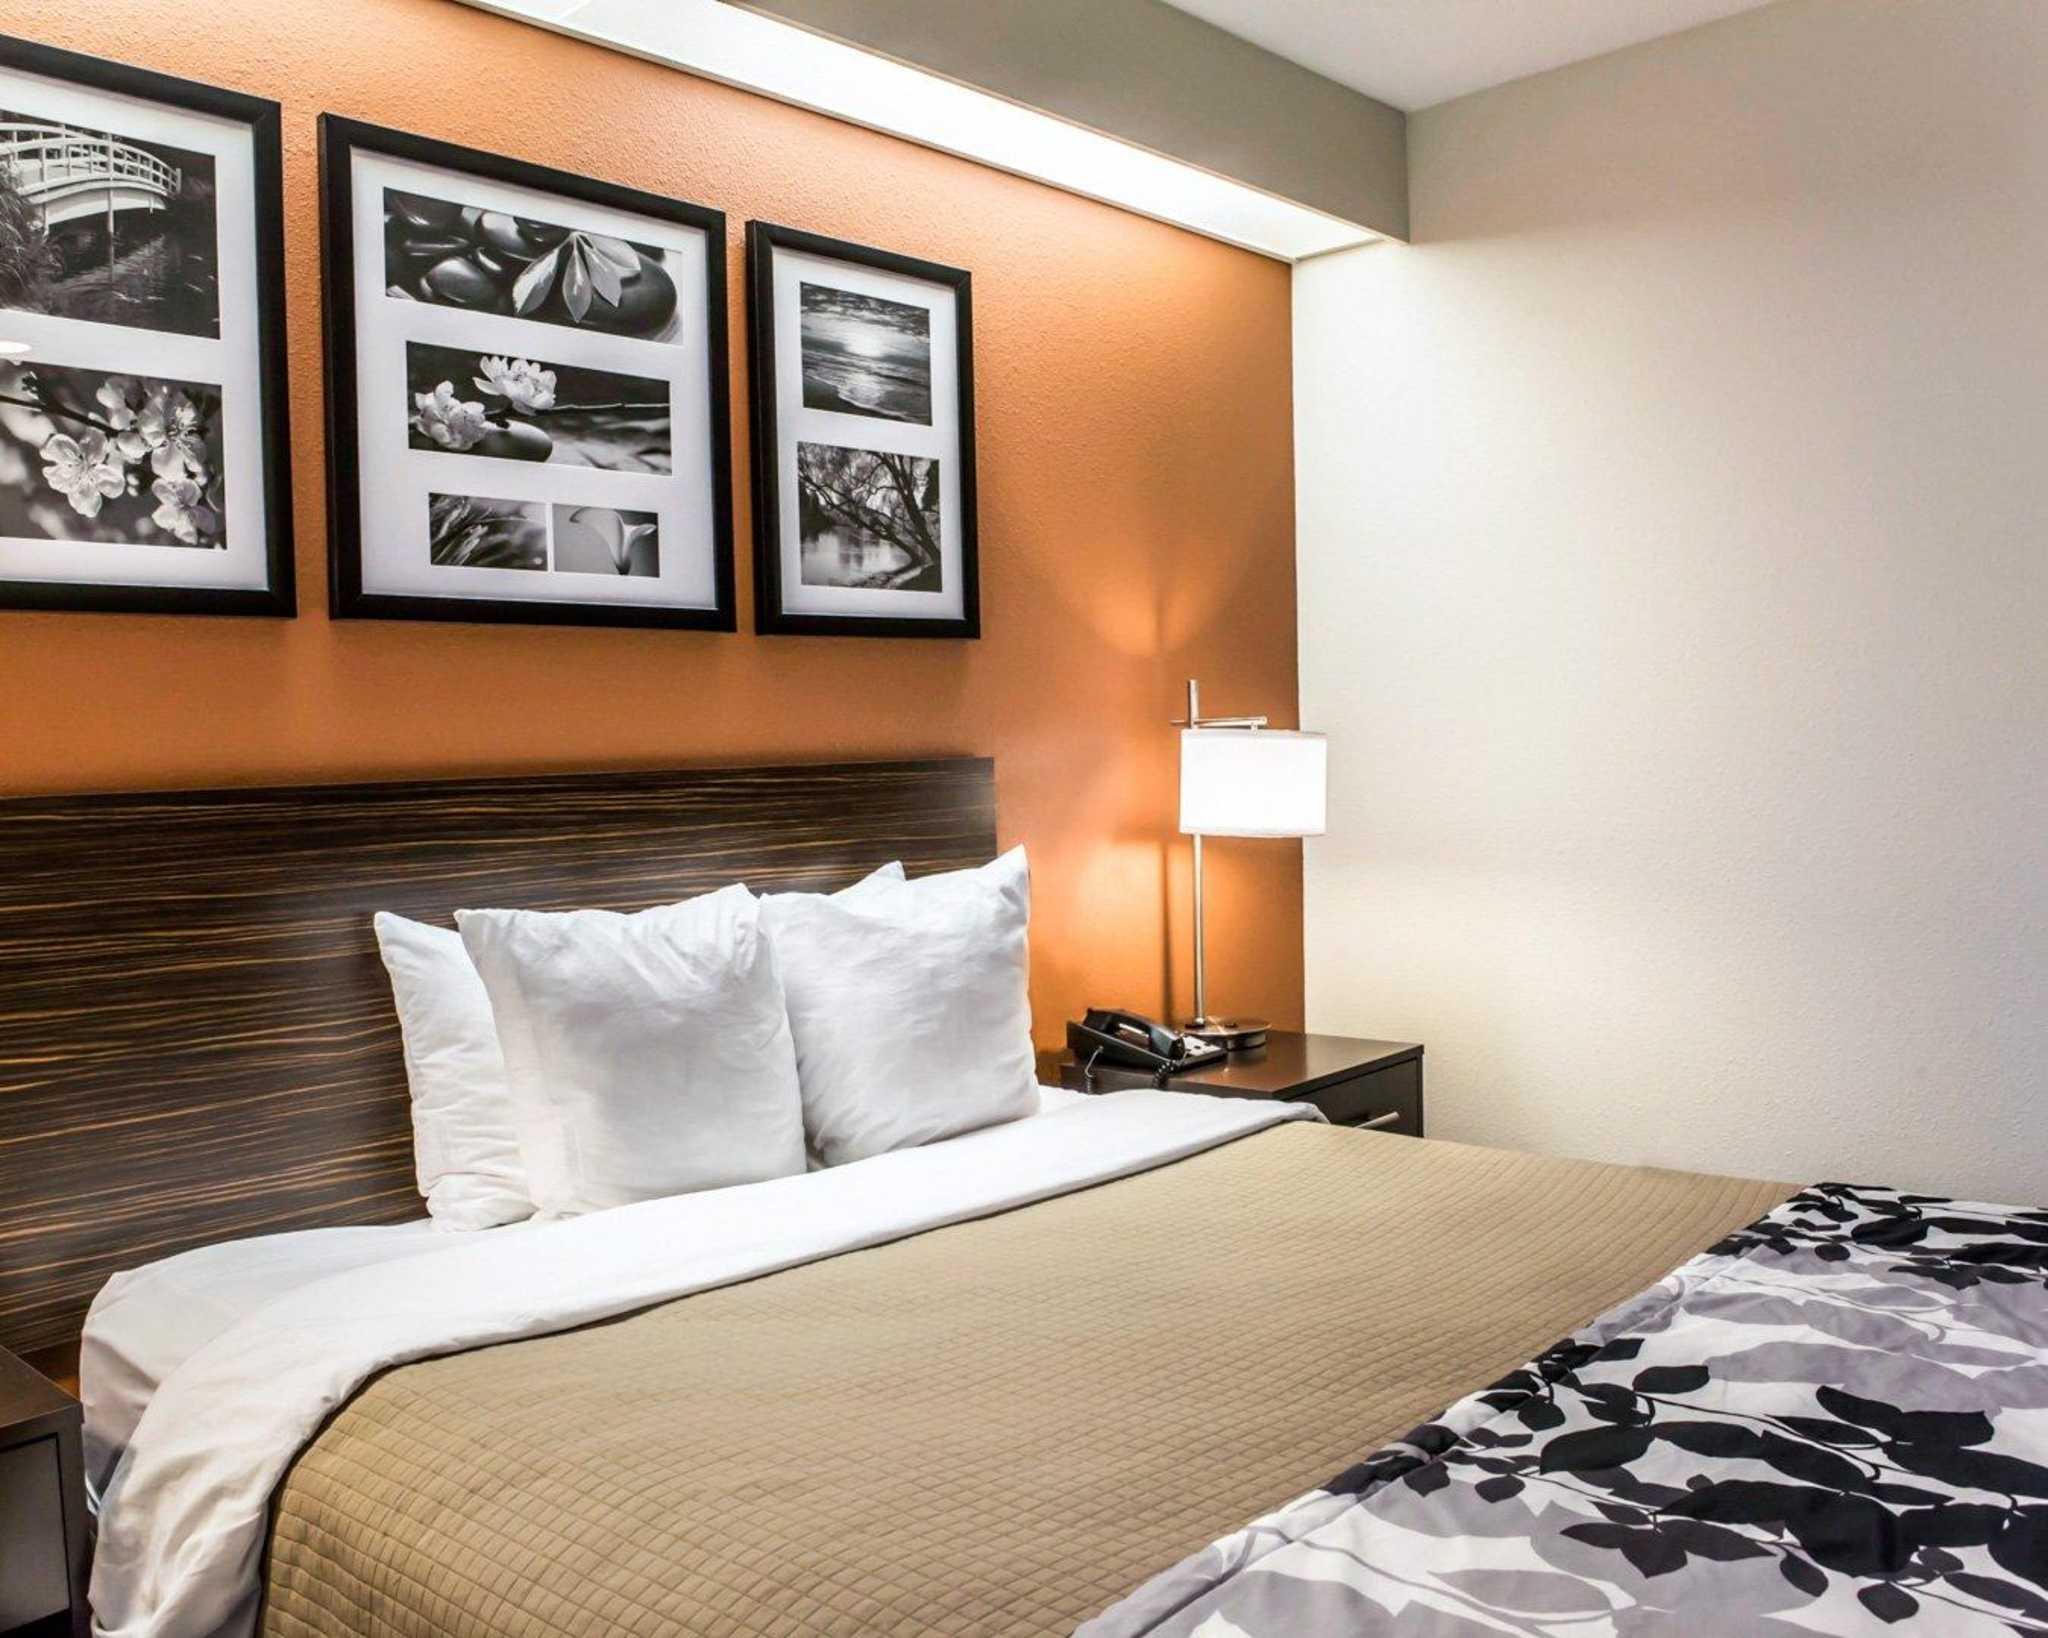 Sleep Inn image 14